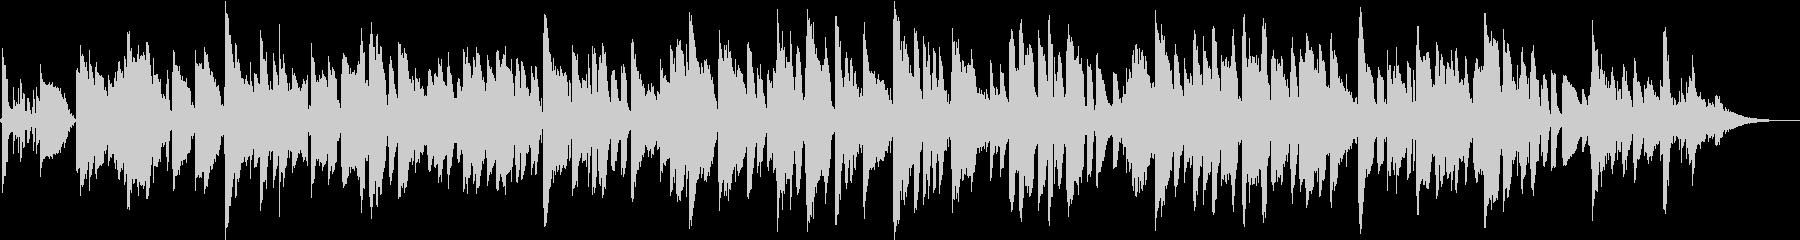 ふるさと ジャズワルツ リラックスギターの未再生の波形